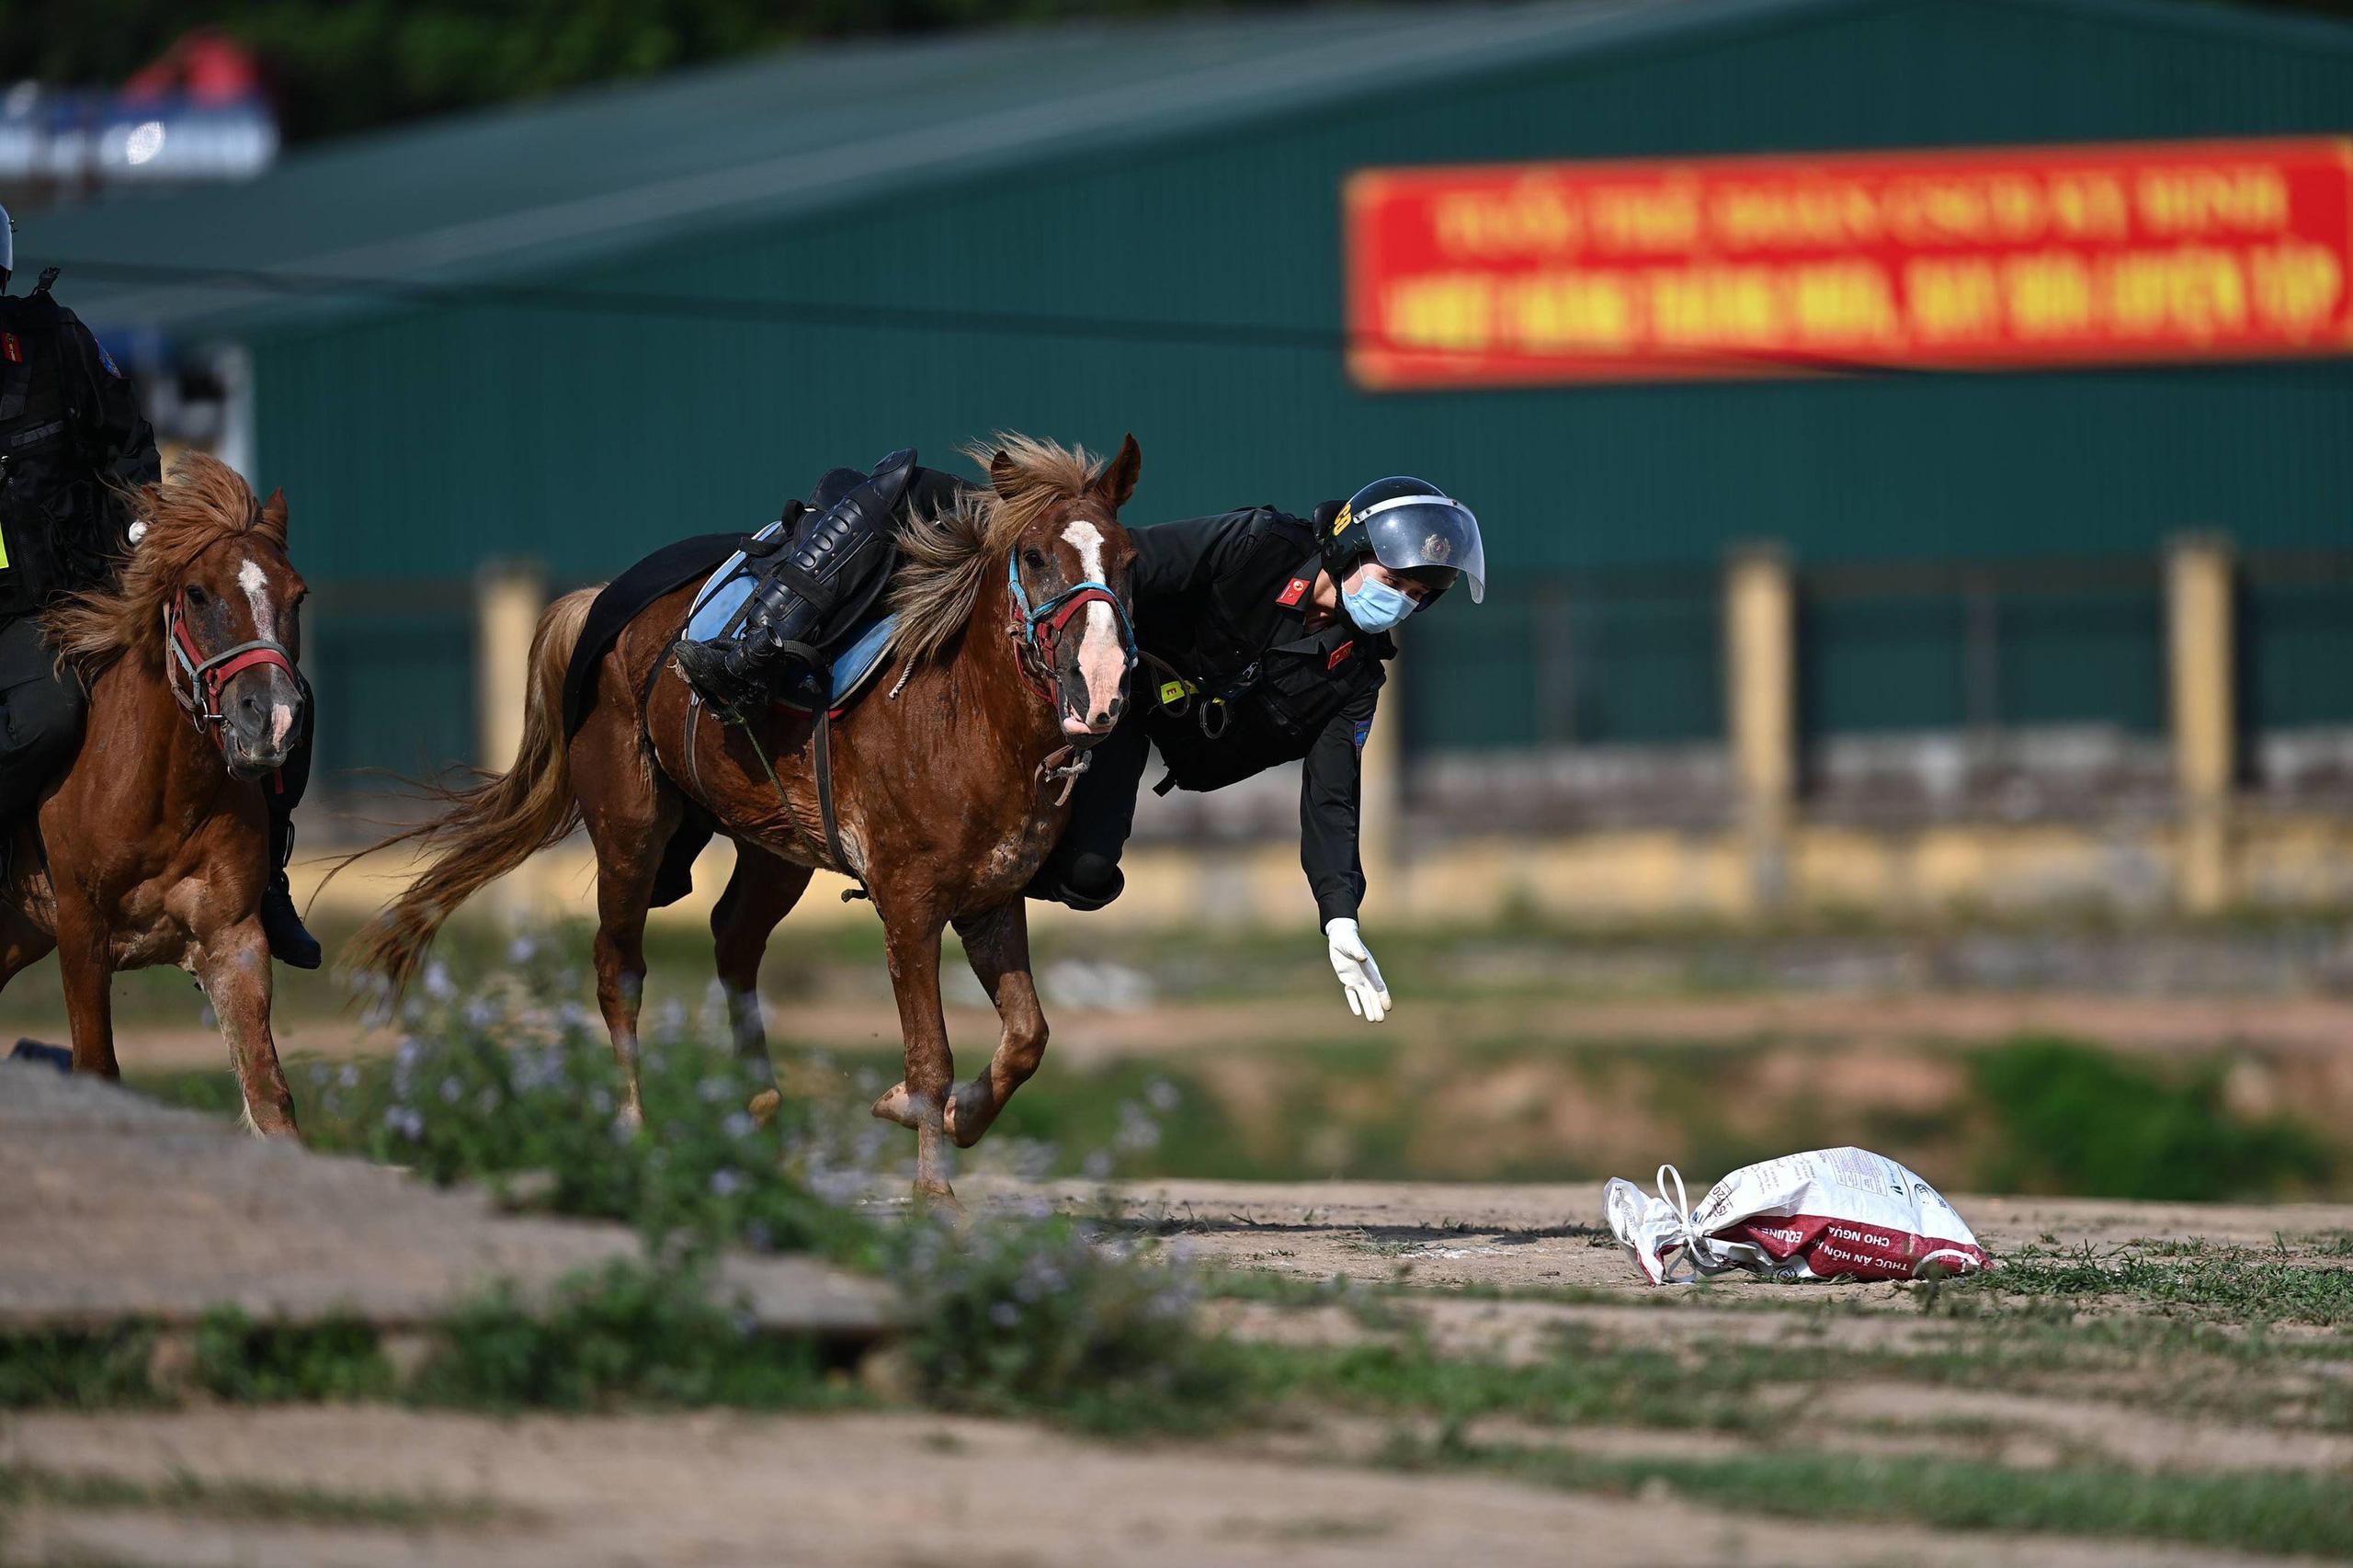 Cảnh sát Cơ động kỵ binh ngày một thuần thục kỹ năng nghiệp vụ - Ảnh 5.